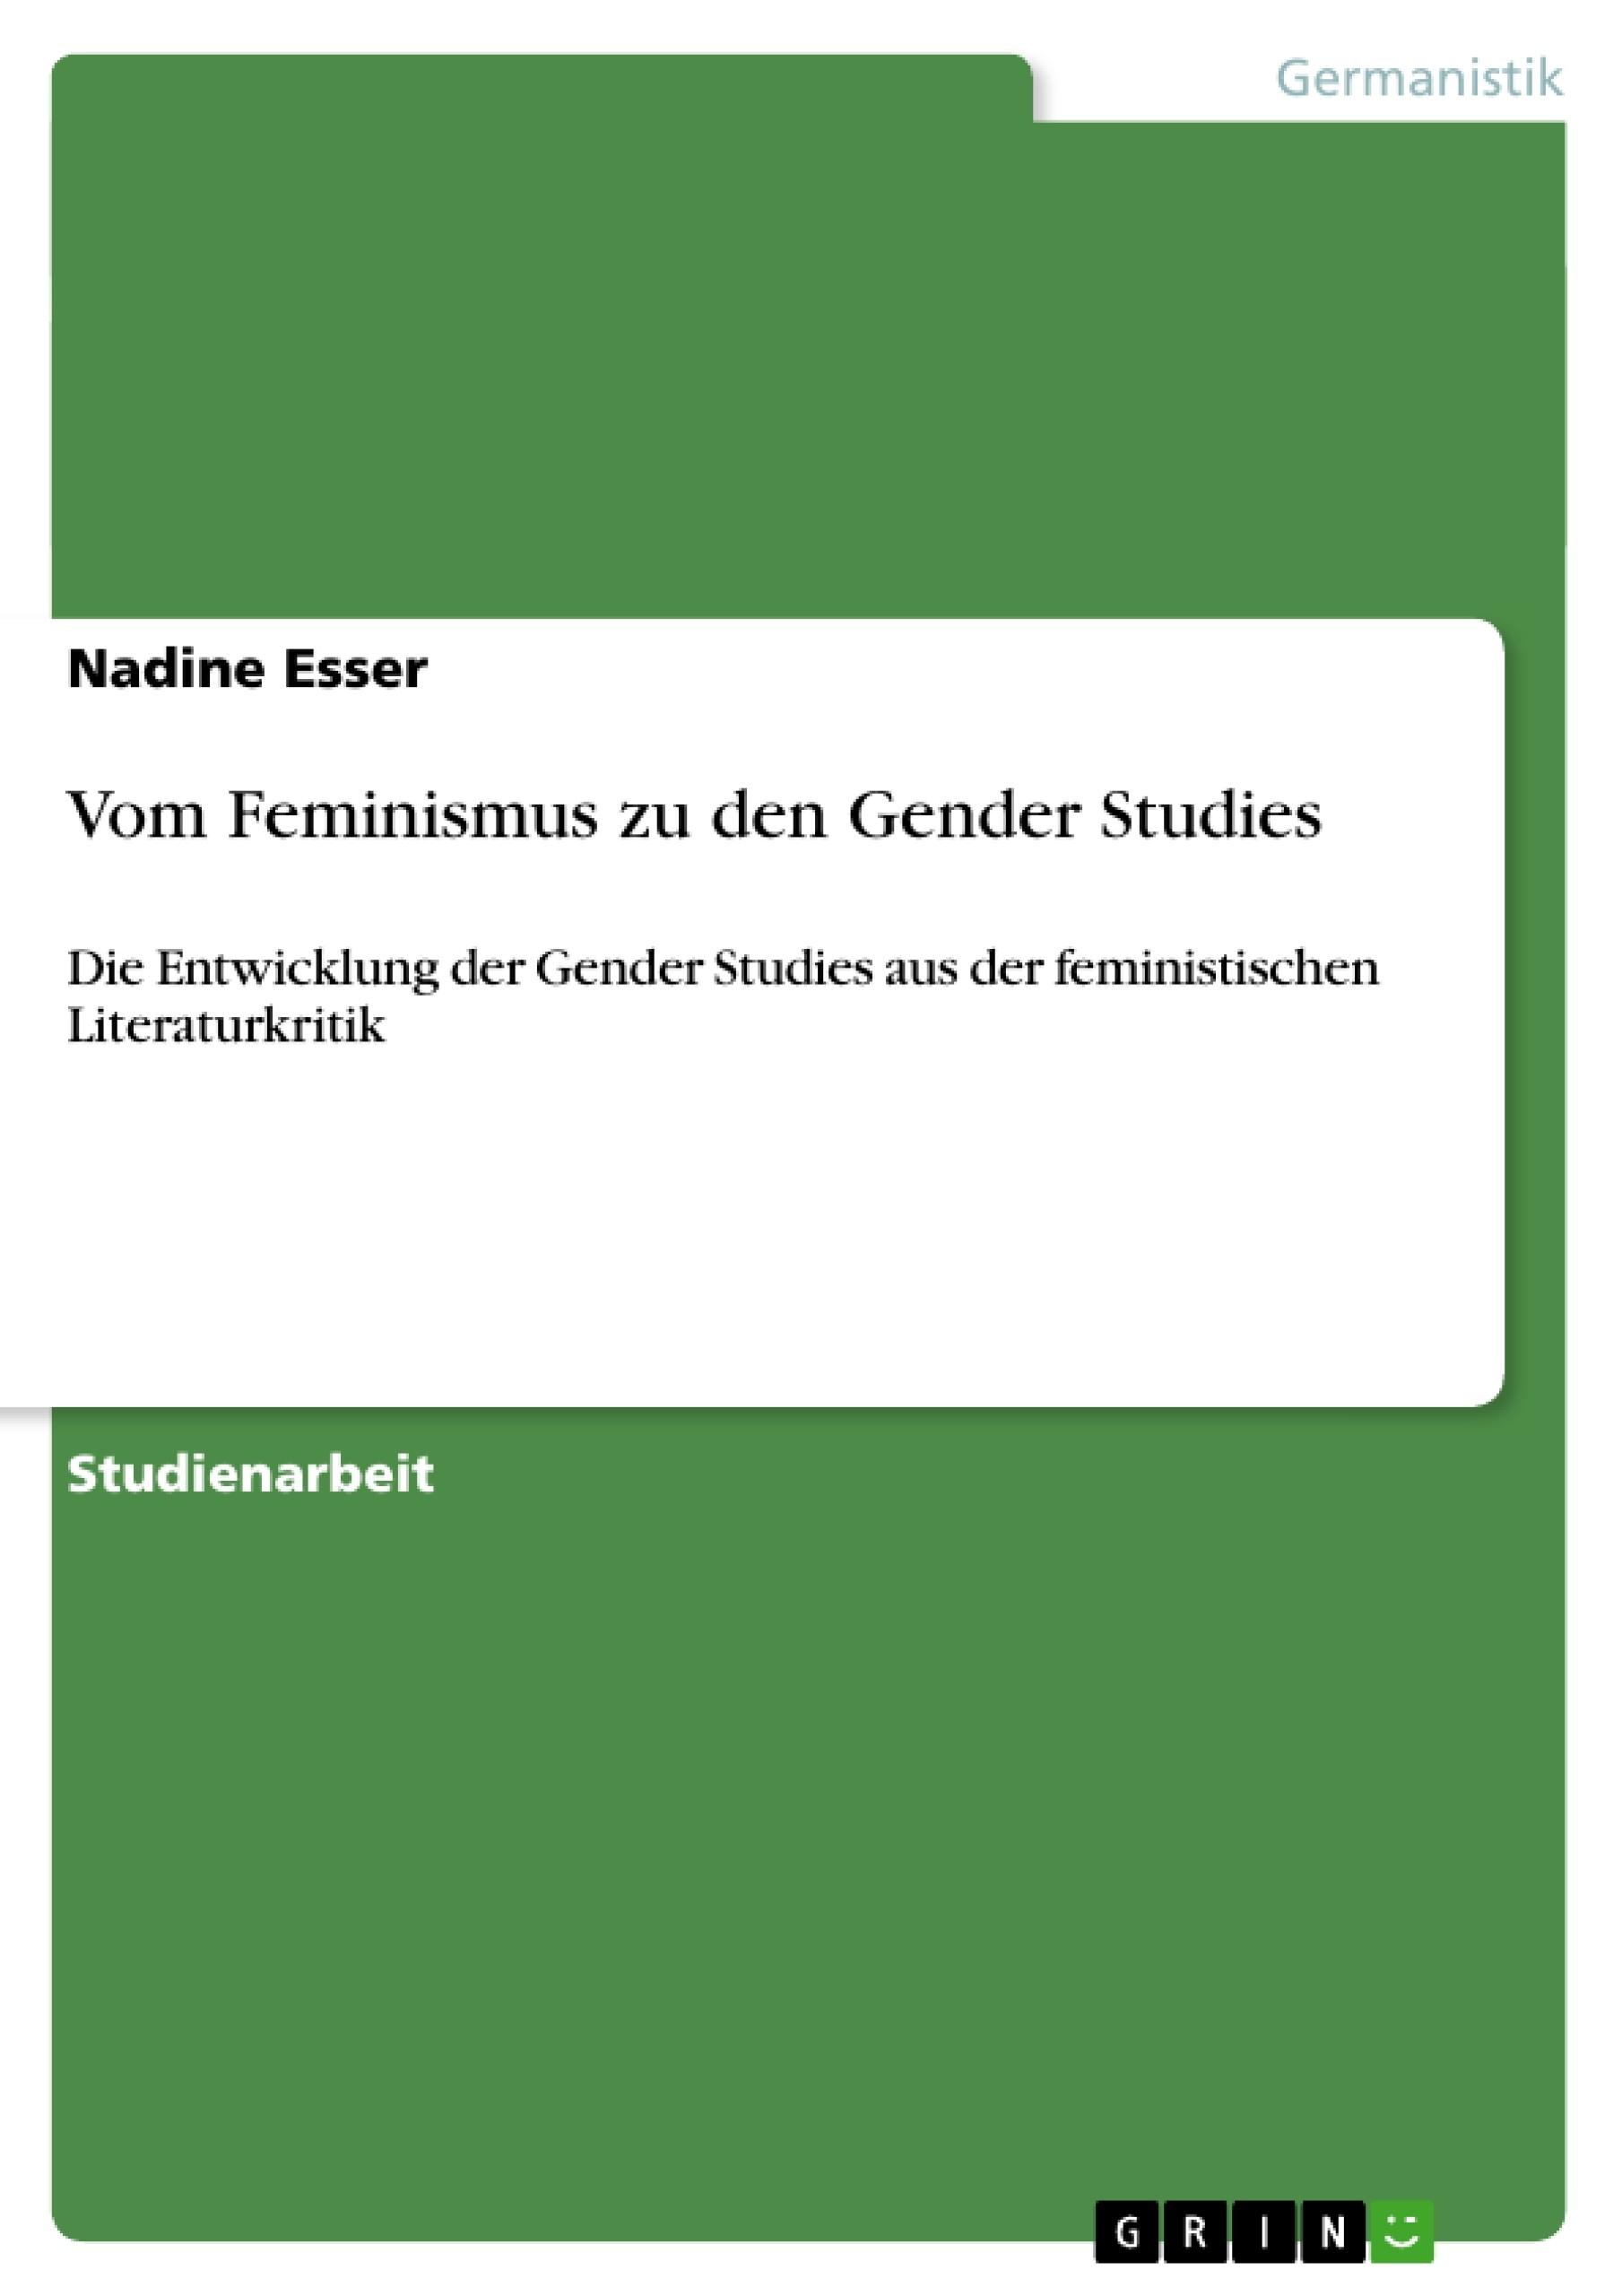 Titel: Vom Feminismus zu den Gender Studies